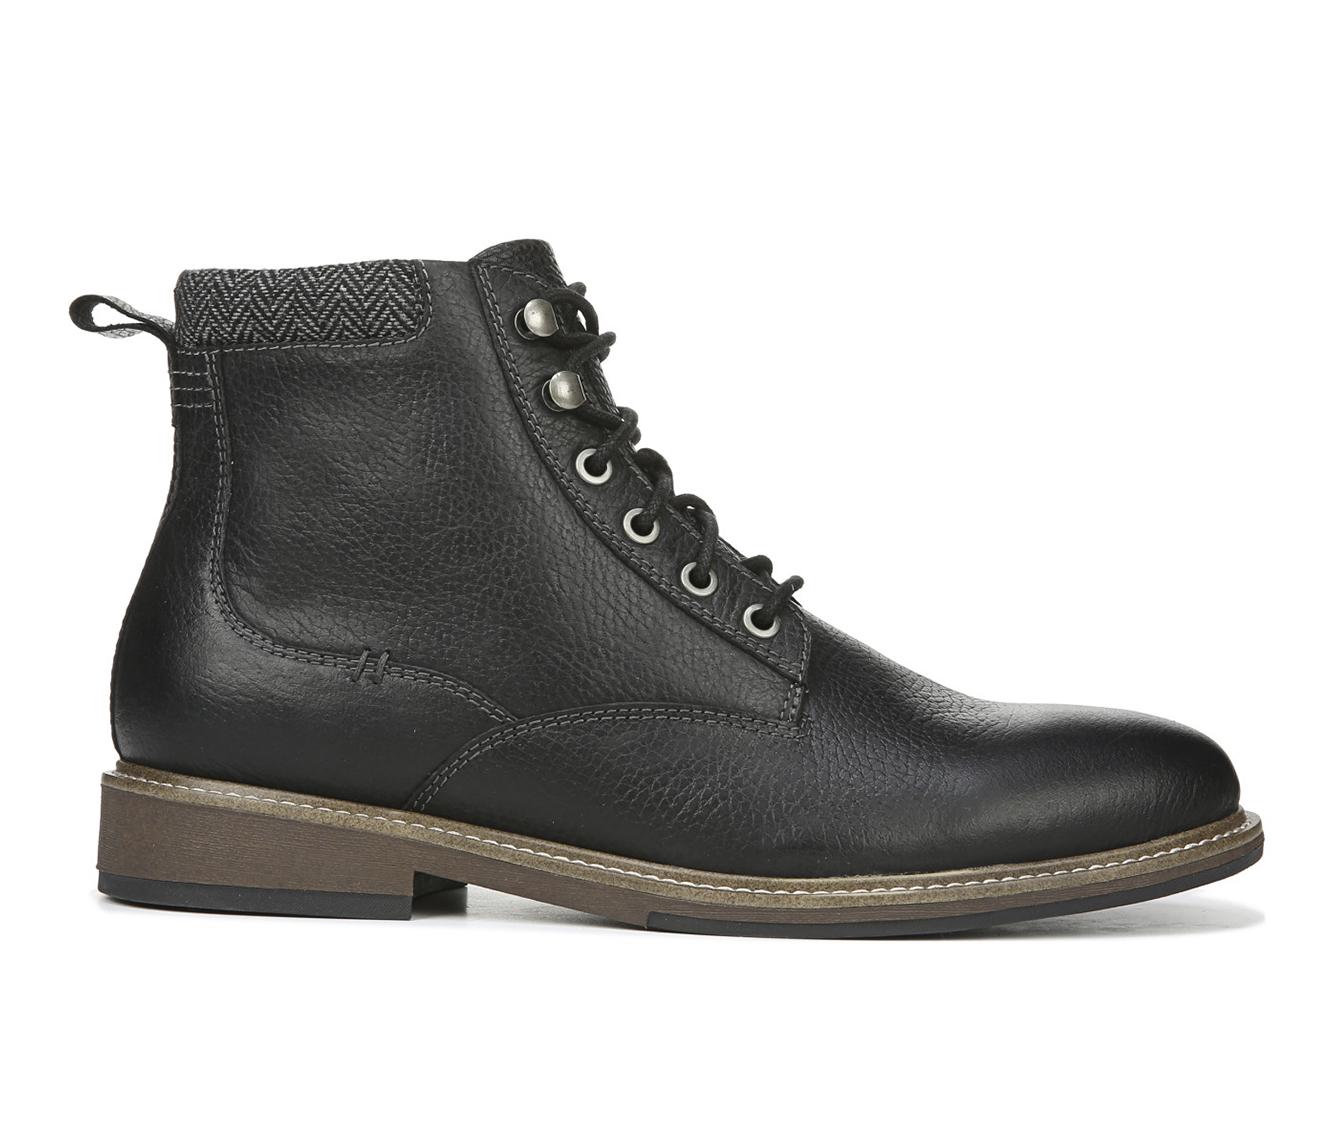 Dr. Scholls Chief Men's Boots (Black Leather)